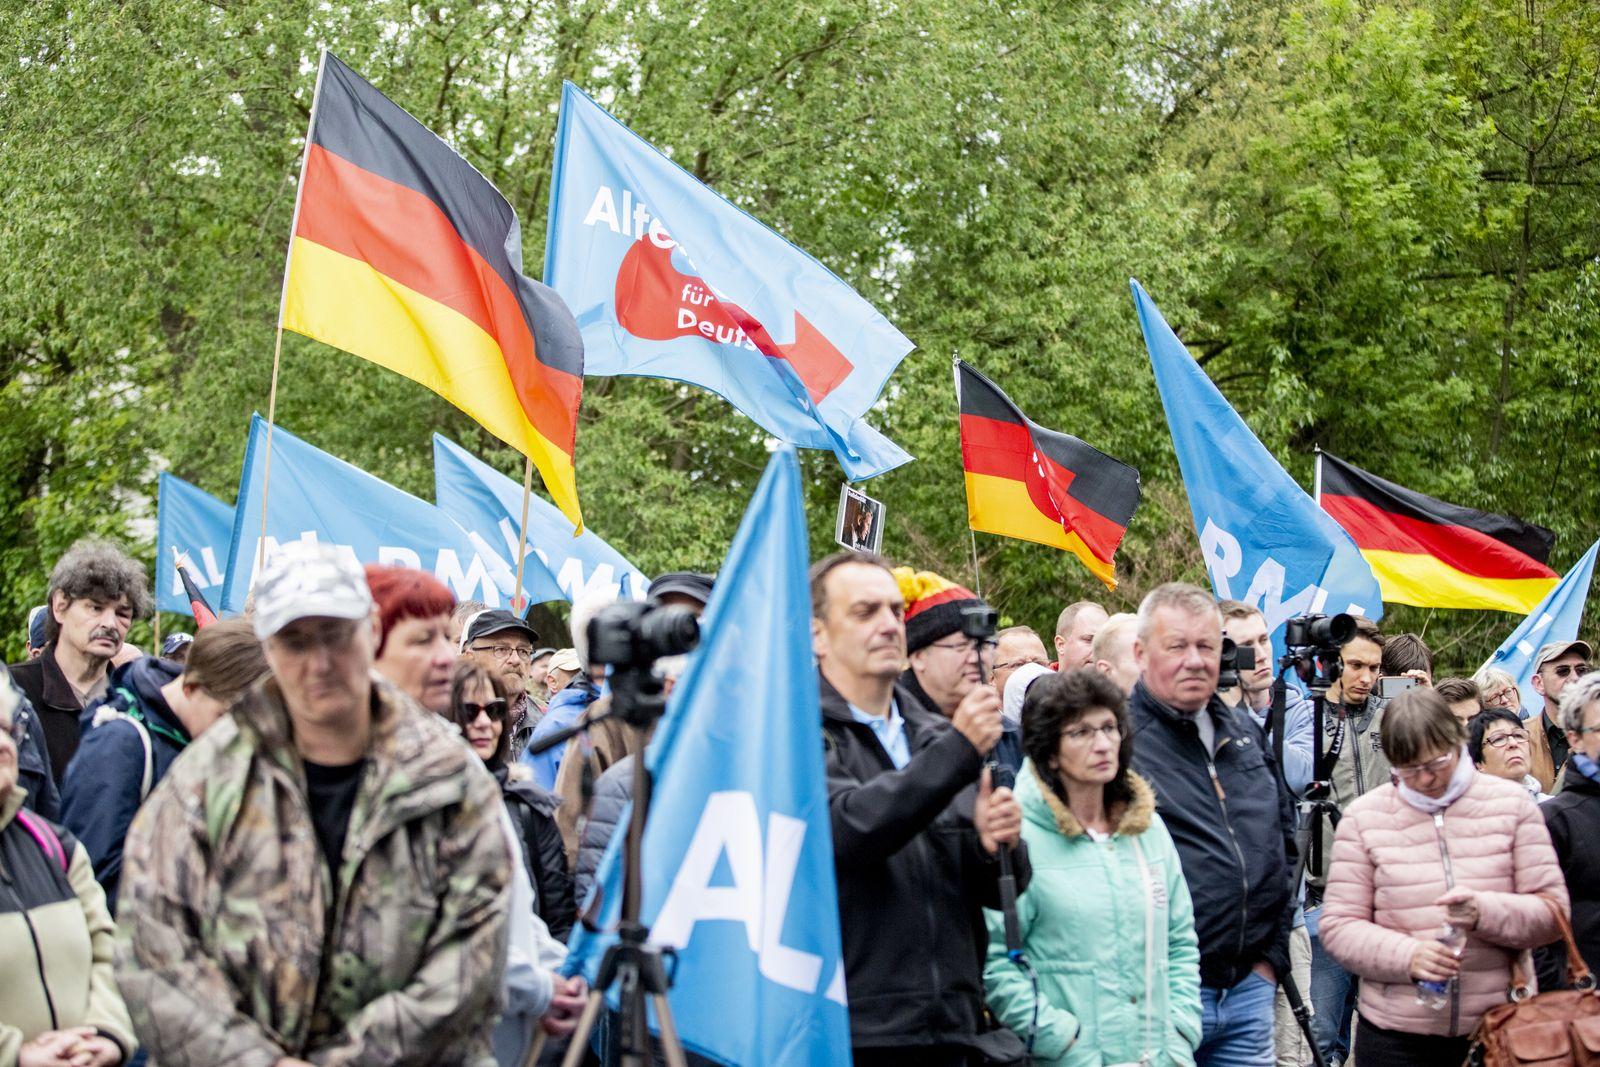 AfD-Demonstration in Eisenach